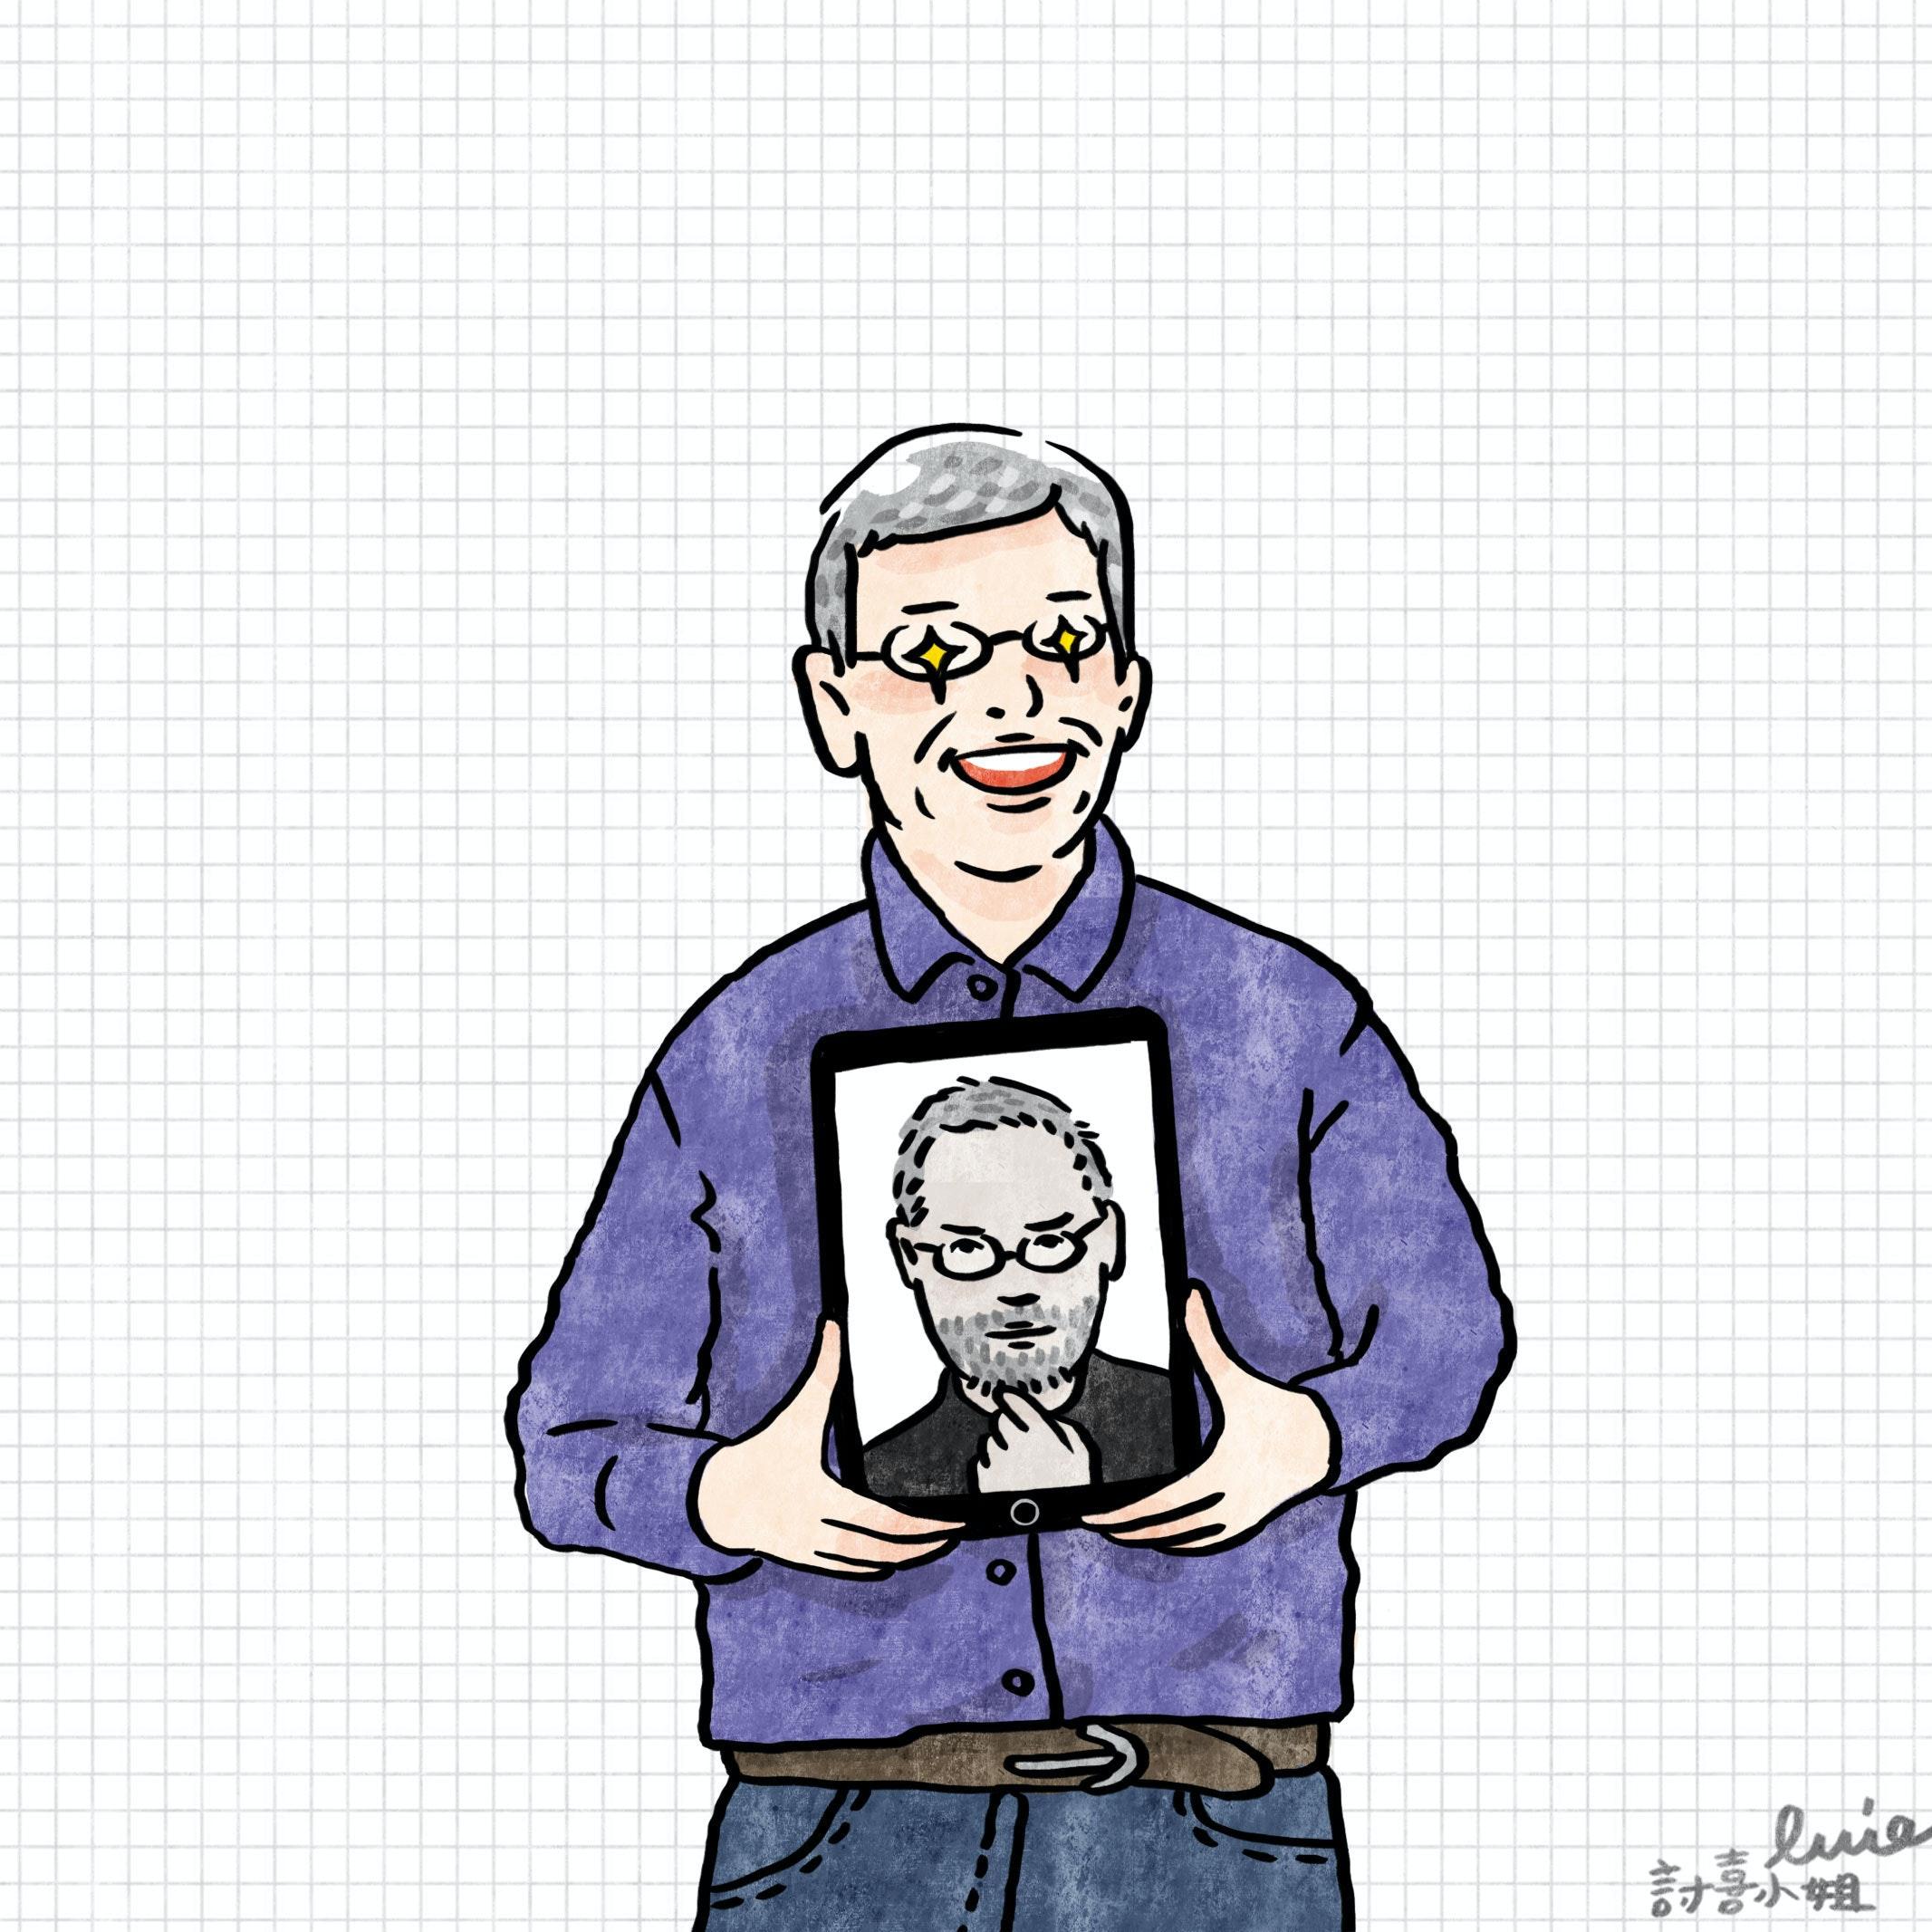 是今日新聞淺談:當年賈伯斯不允許的事,Tim Cook 通通做了!這篇文章的首圖